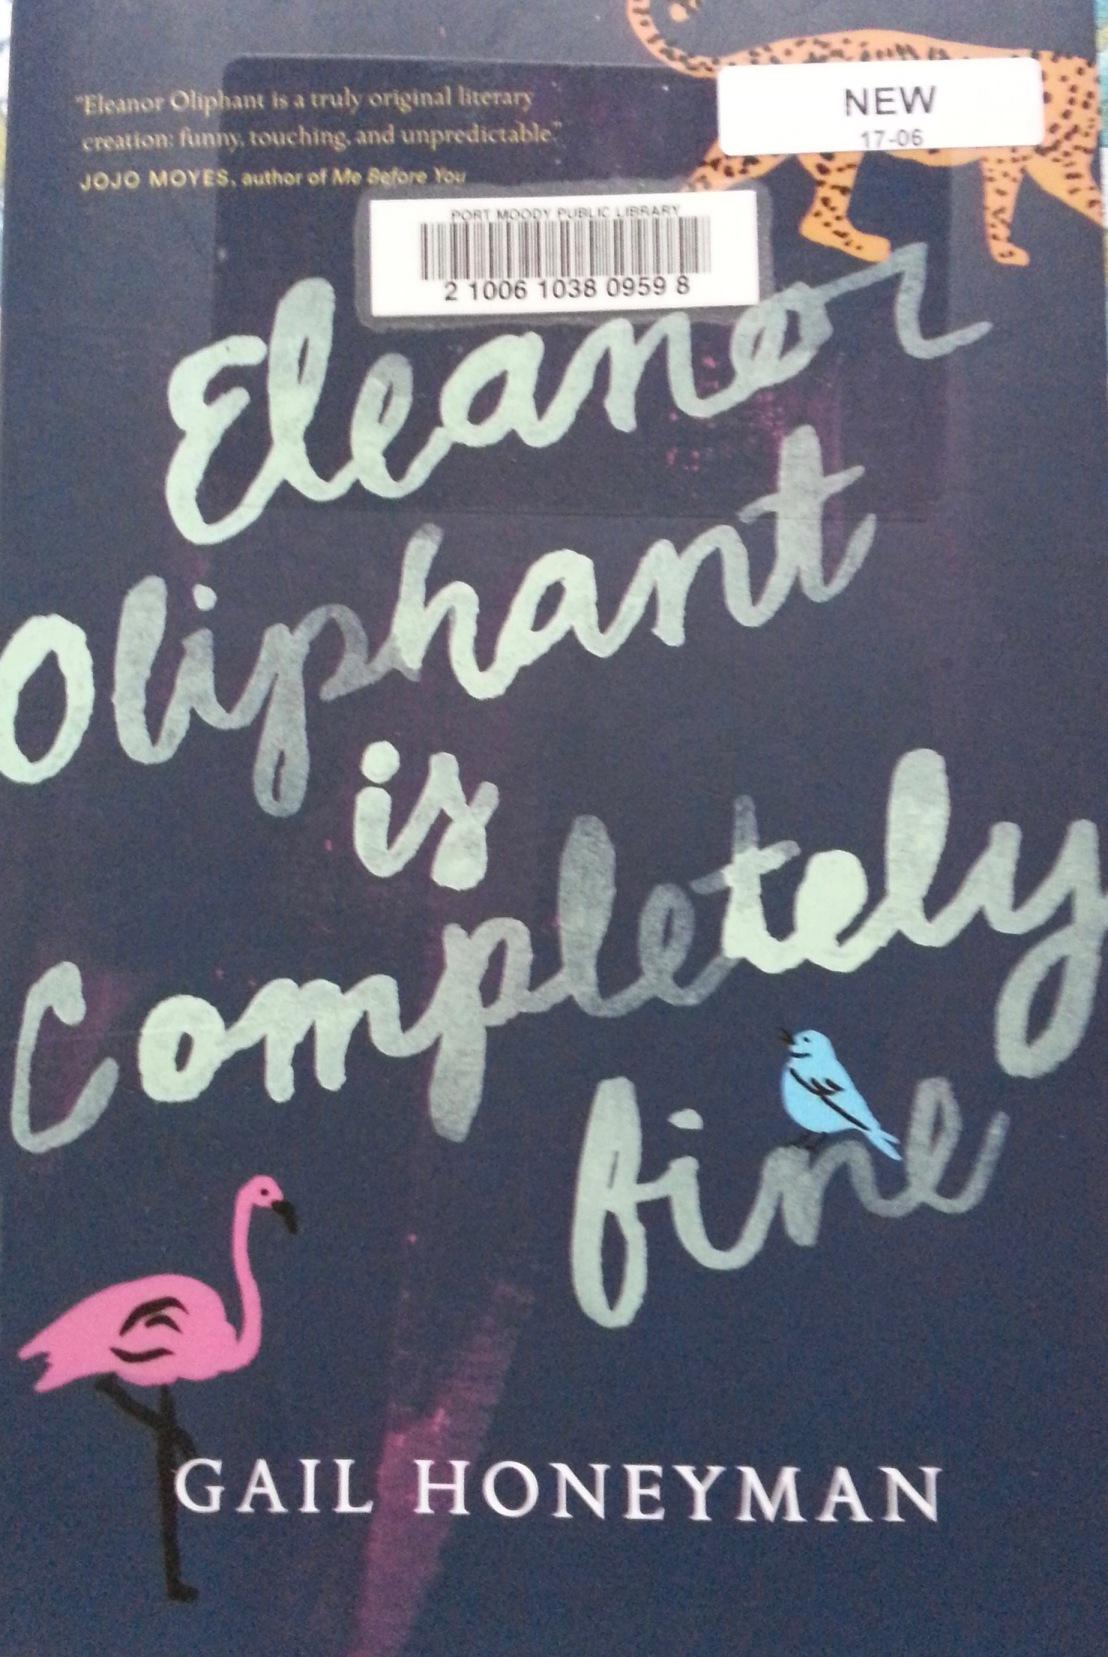 Gail Honeyman's — Eleanor Elephant is completely fine*****